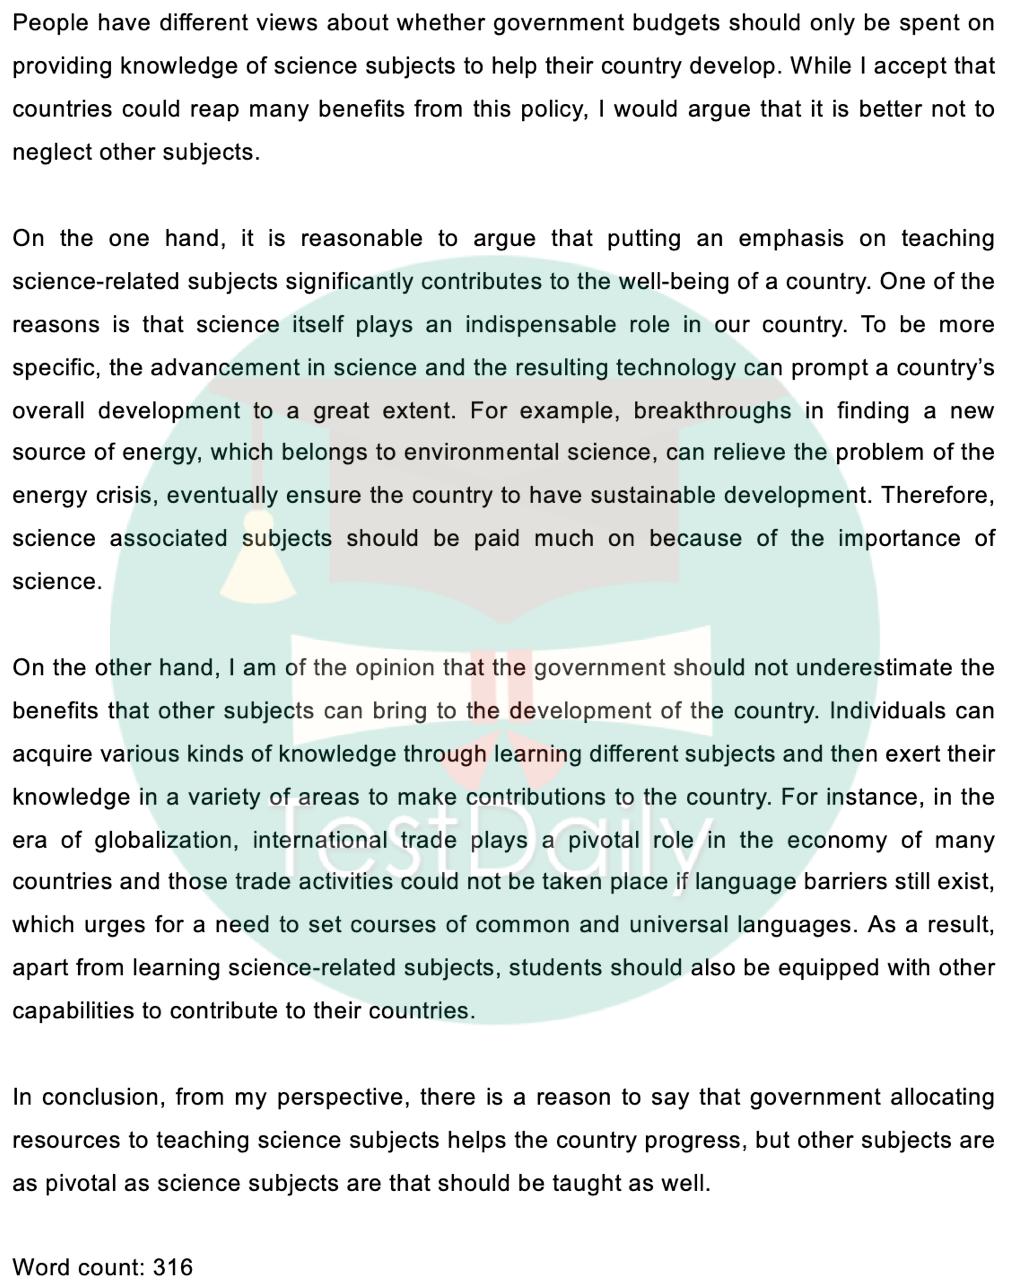 2020年12月5日雅思考试真题:大作文题目及高分范文